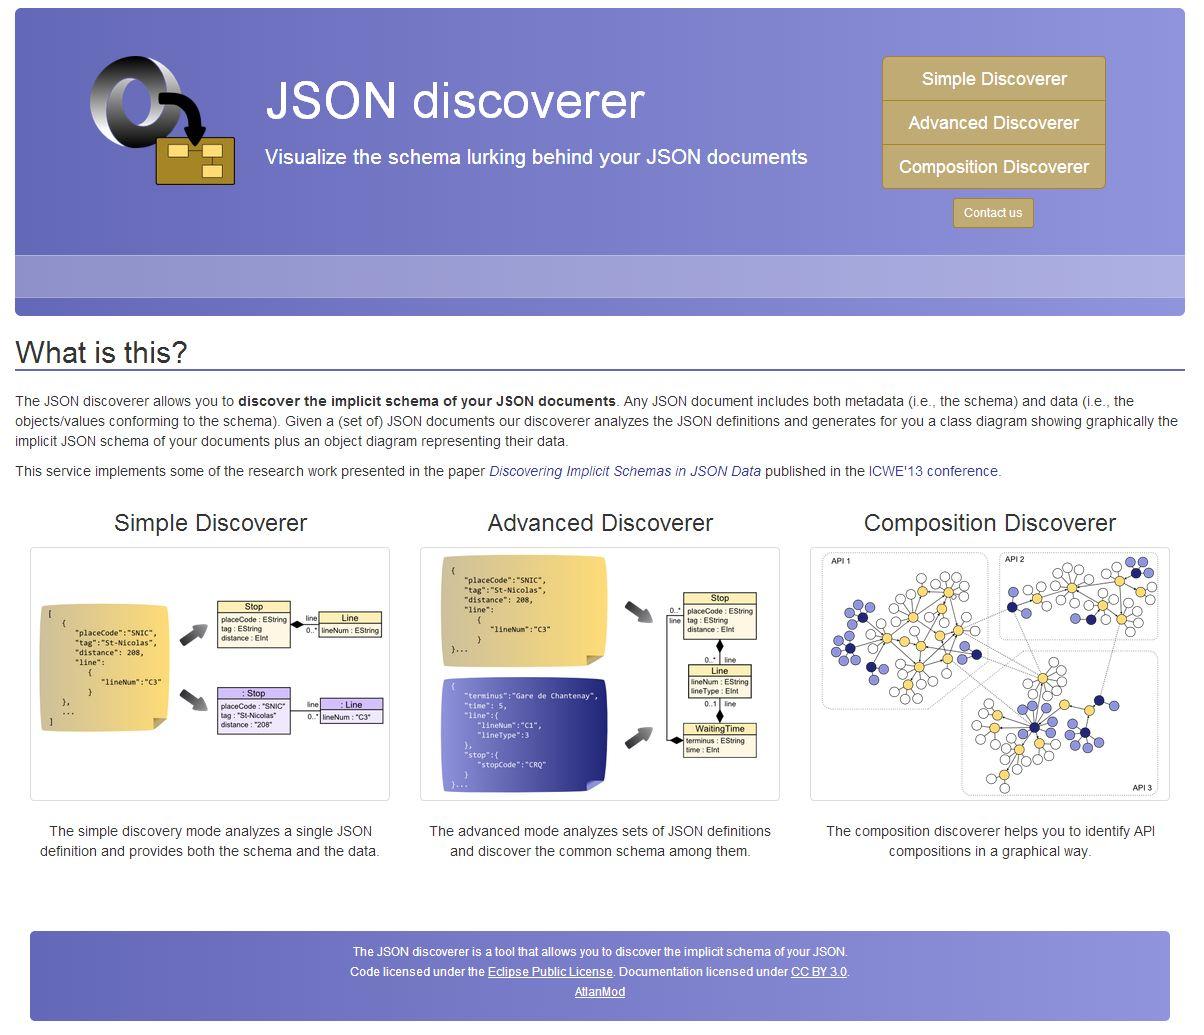 json-composition